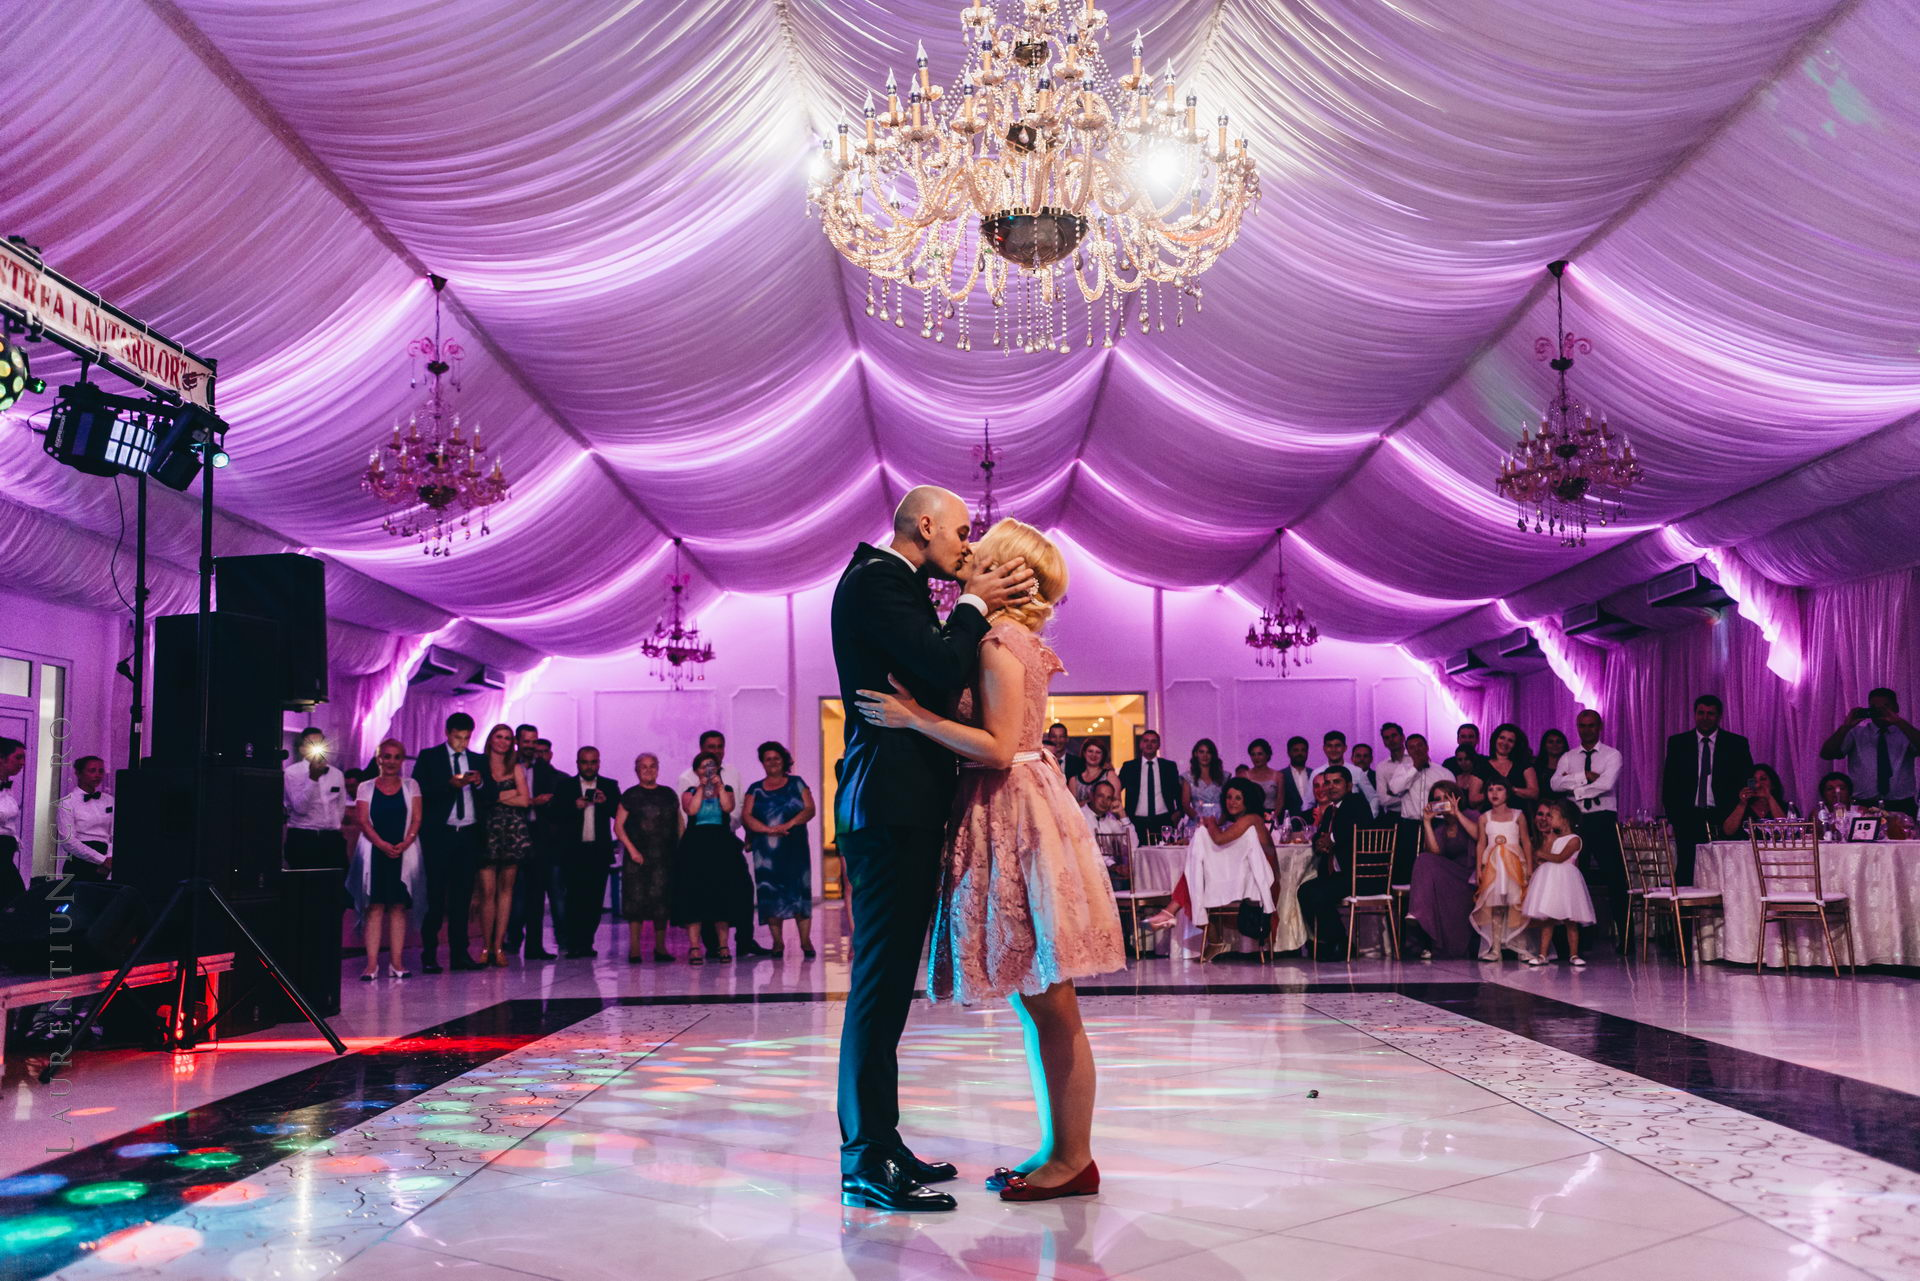 lavinia si adi fotograf laurentiu nica craiova 073 - Lavinia & Adi | Fotografii nunta